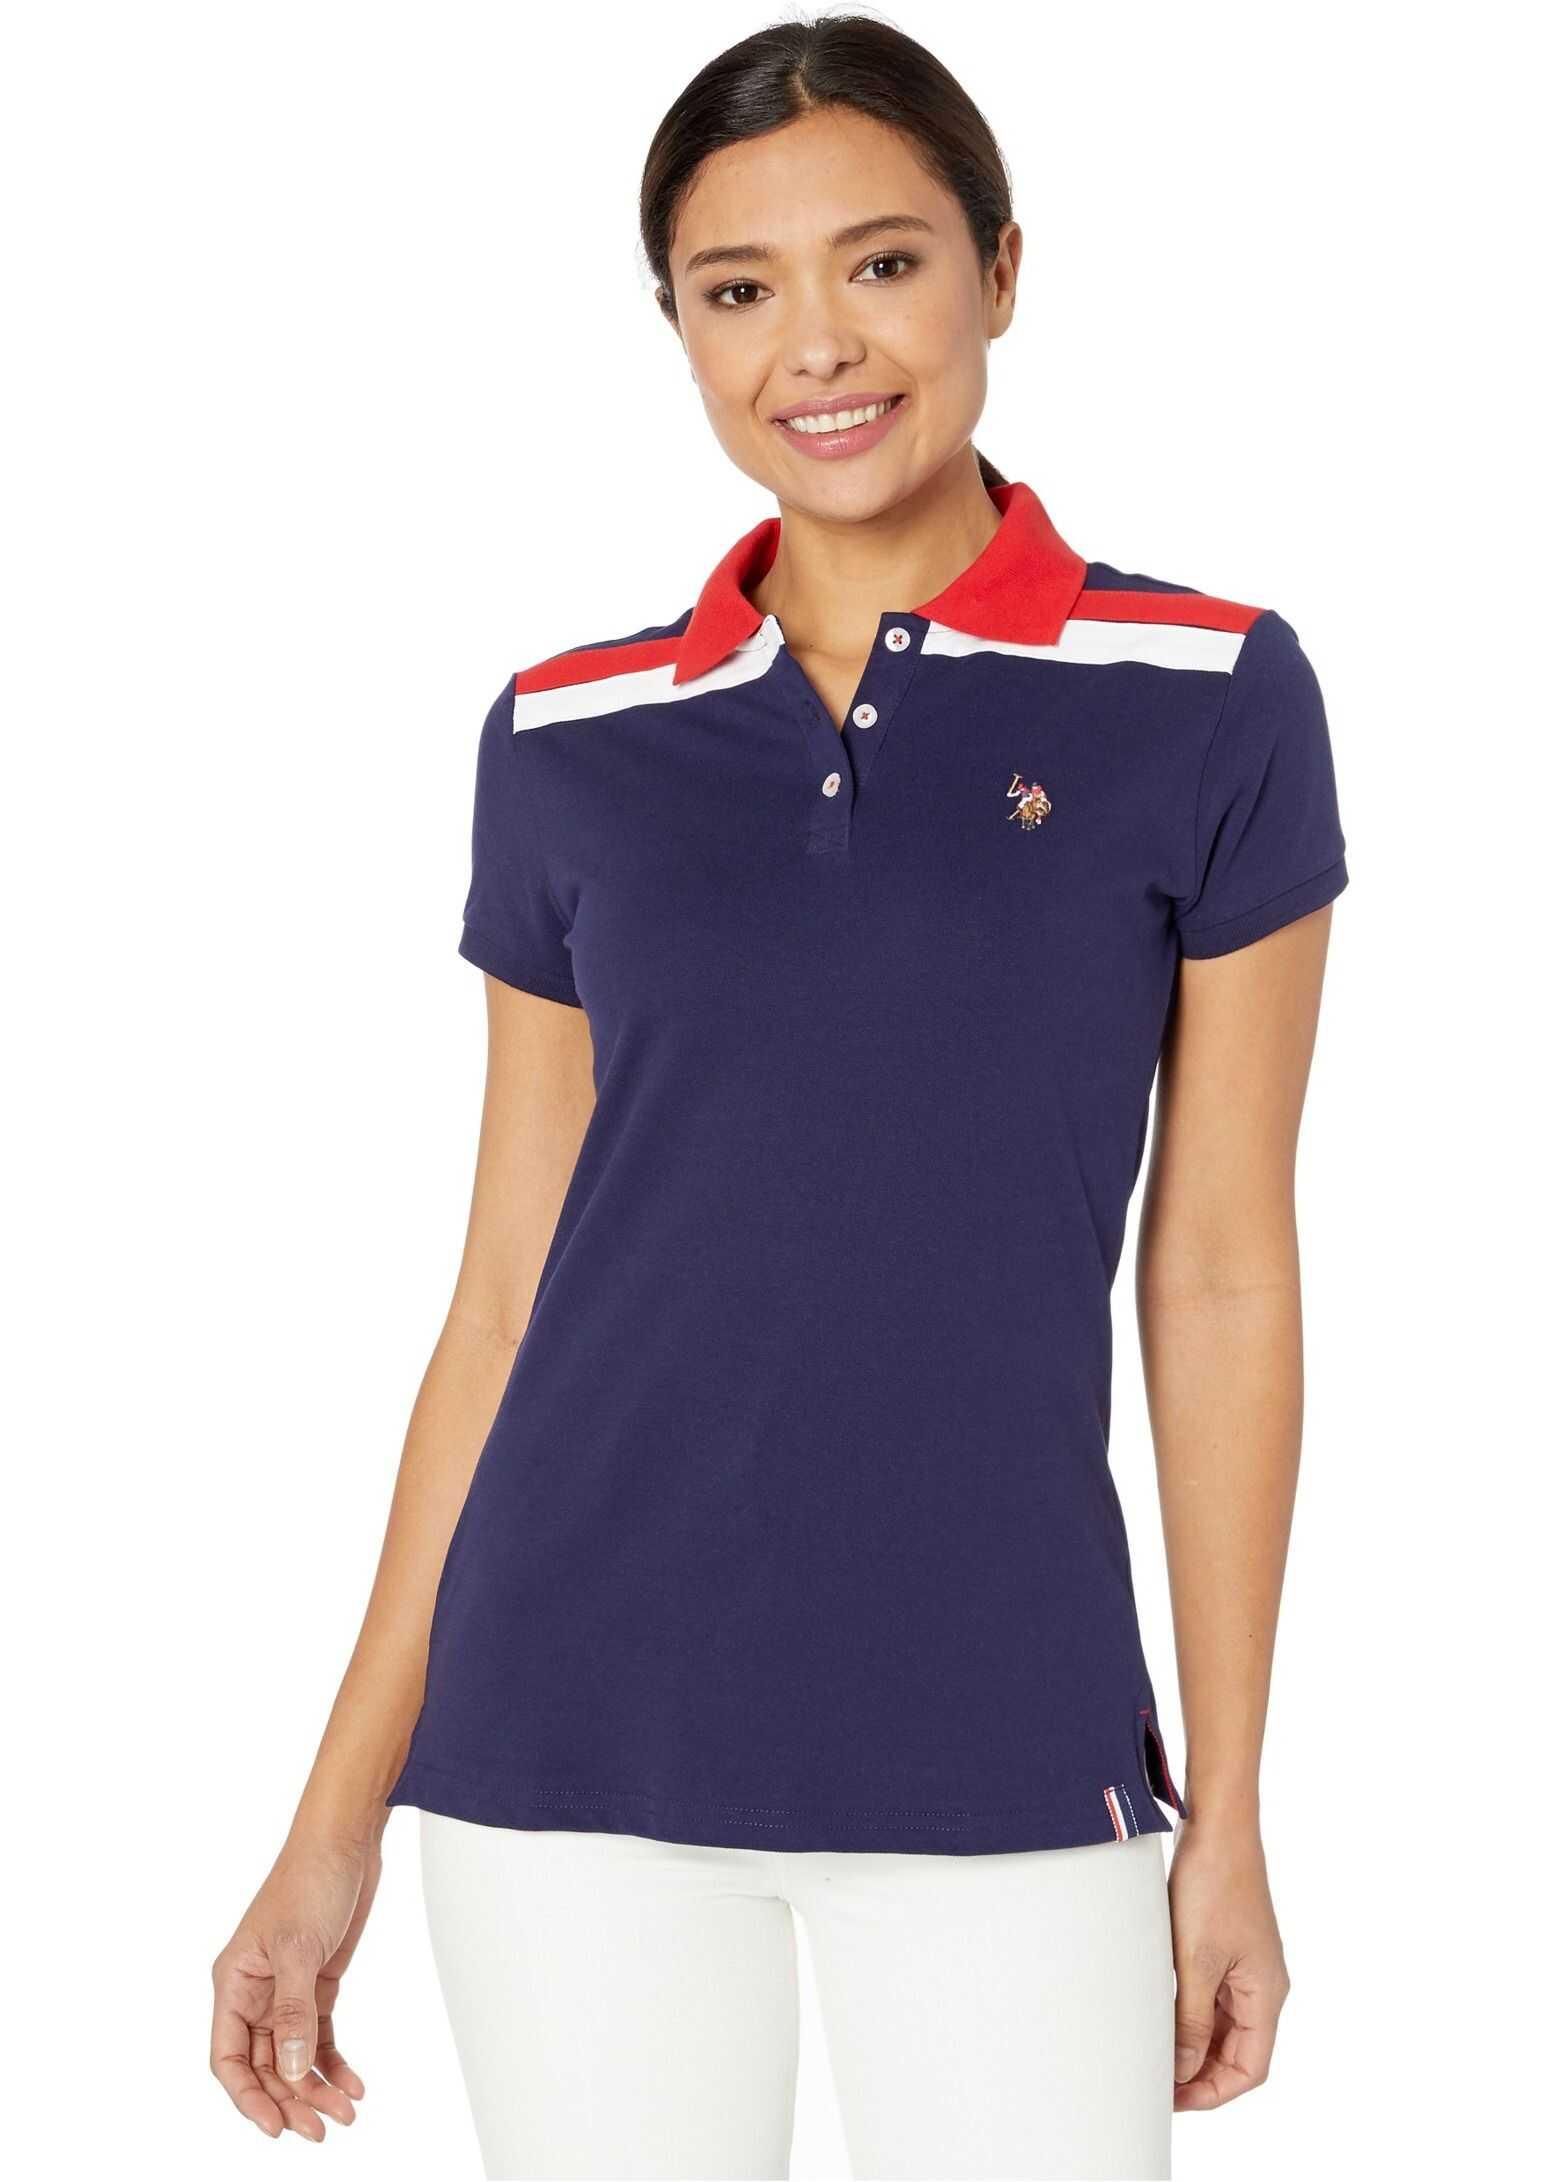 U.S. POLO ASSN. Pique Shoulder Stripe Polo Evening Blue